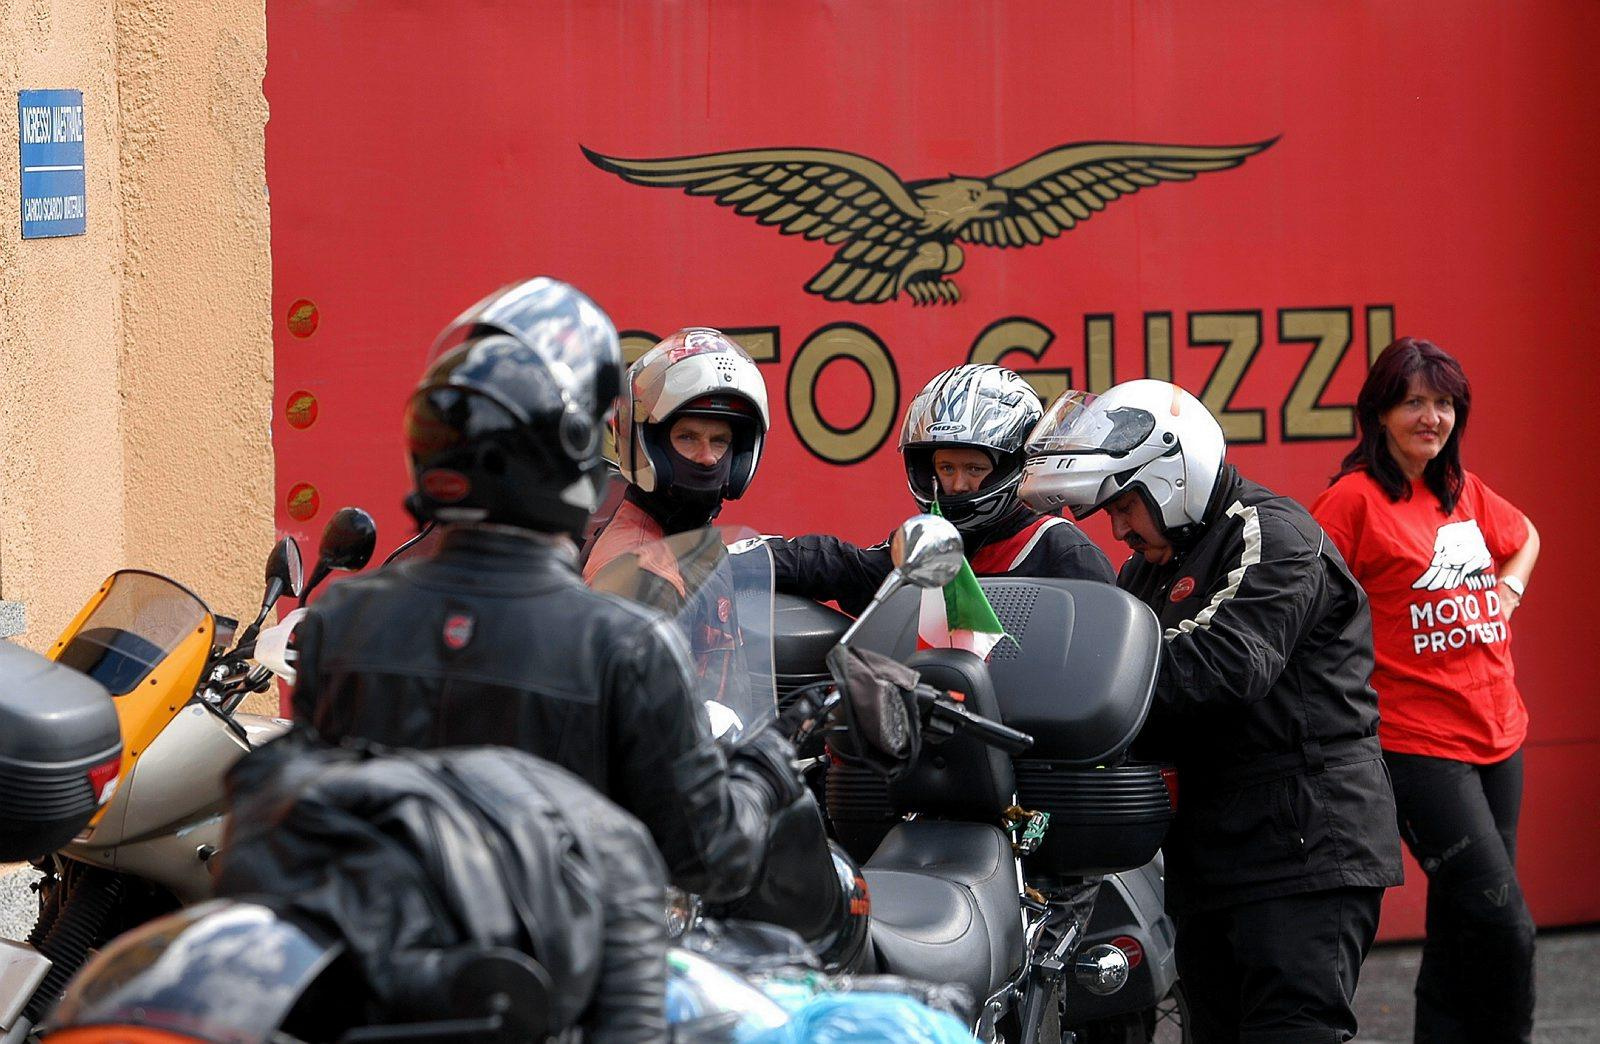 Raduno MOTO GUZZI sicilia noto siracusa ragusa scicli